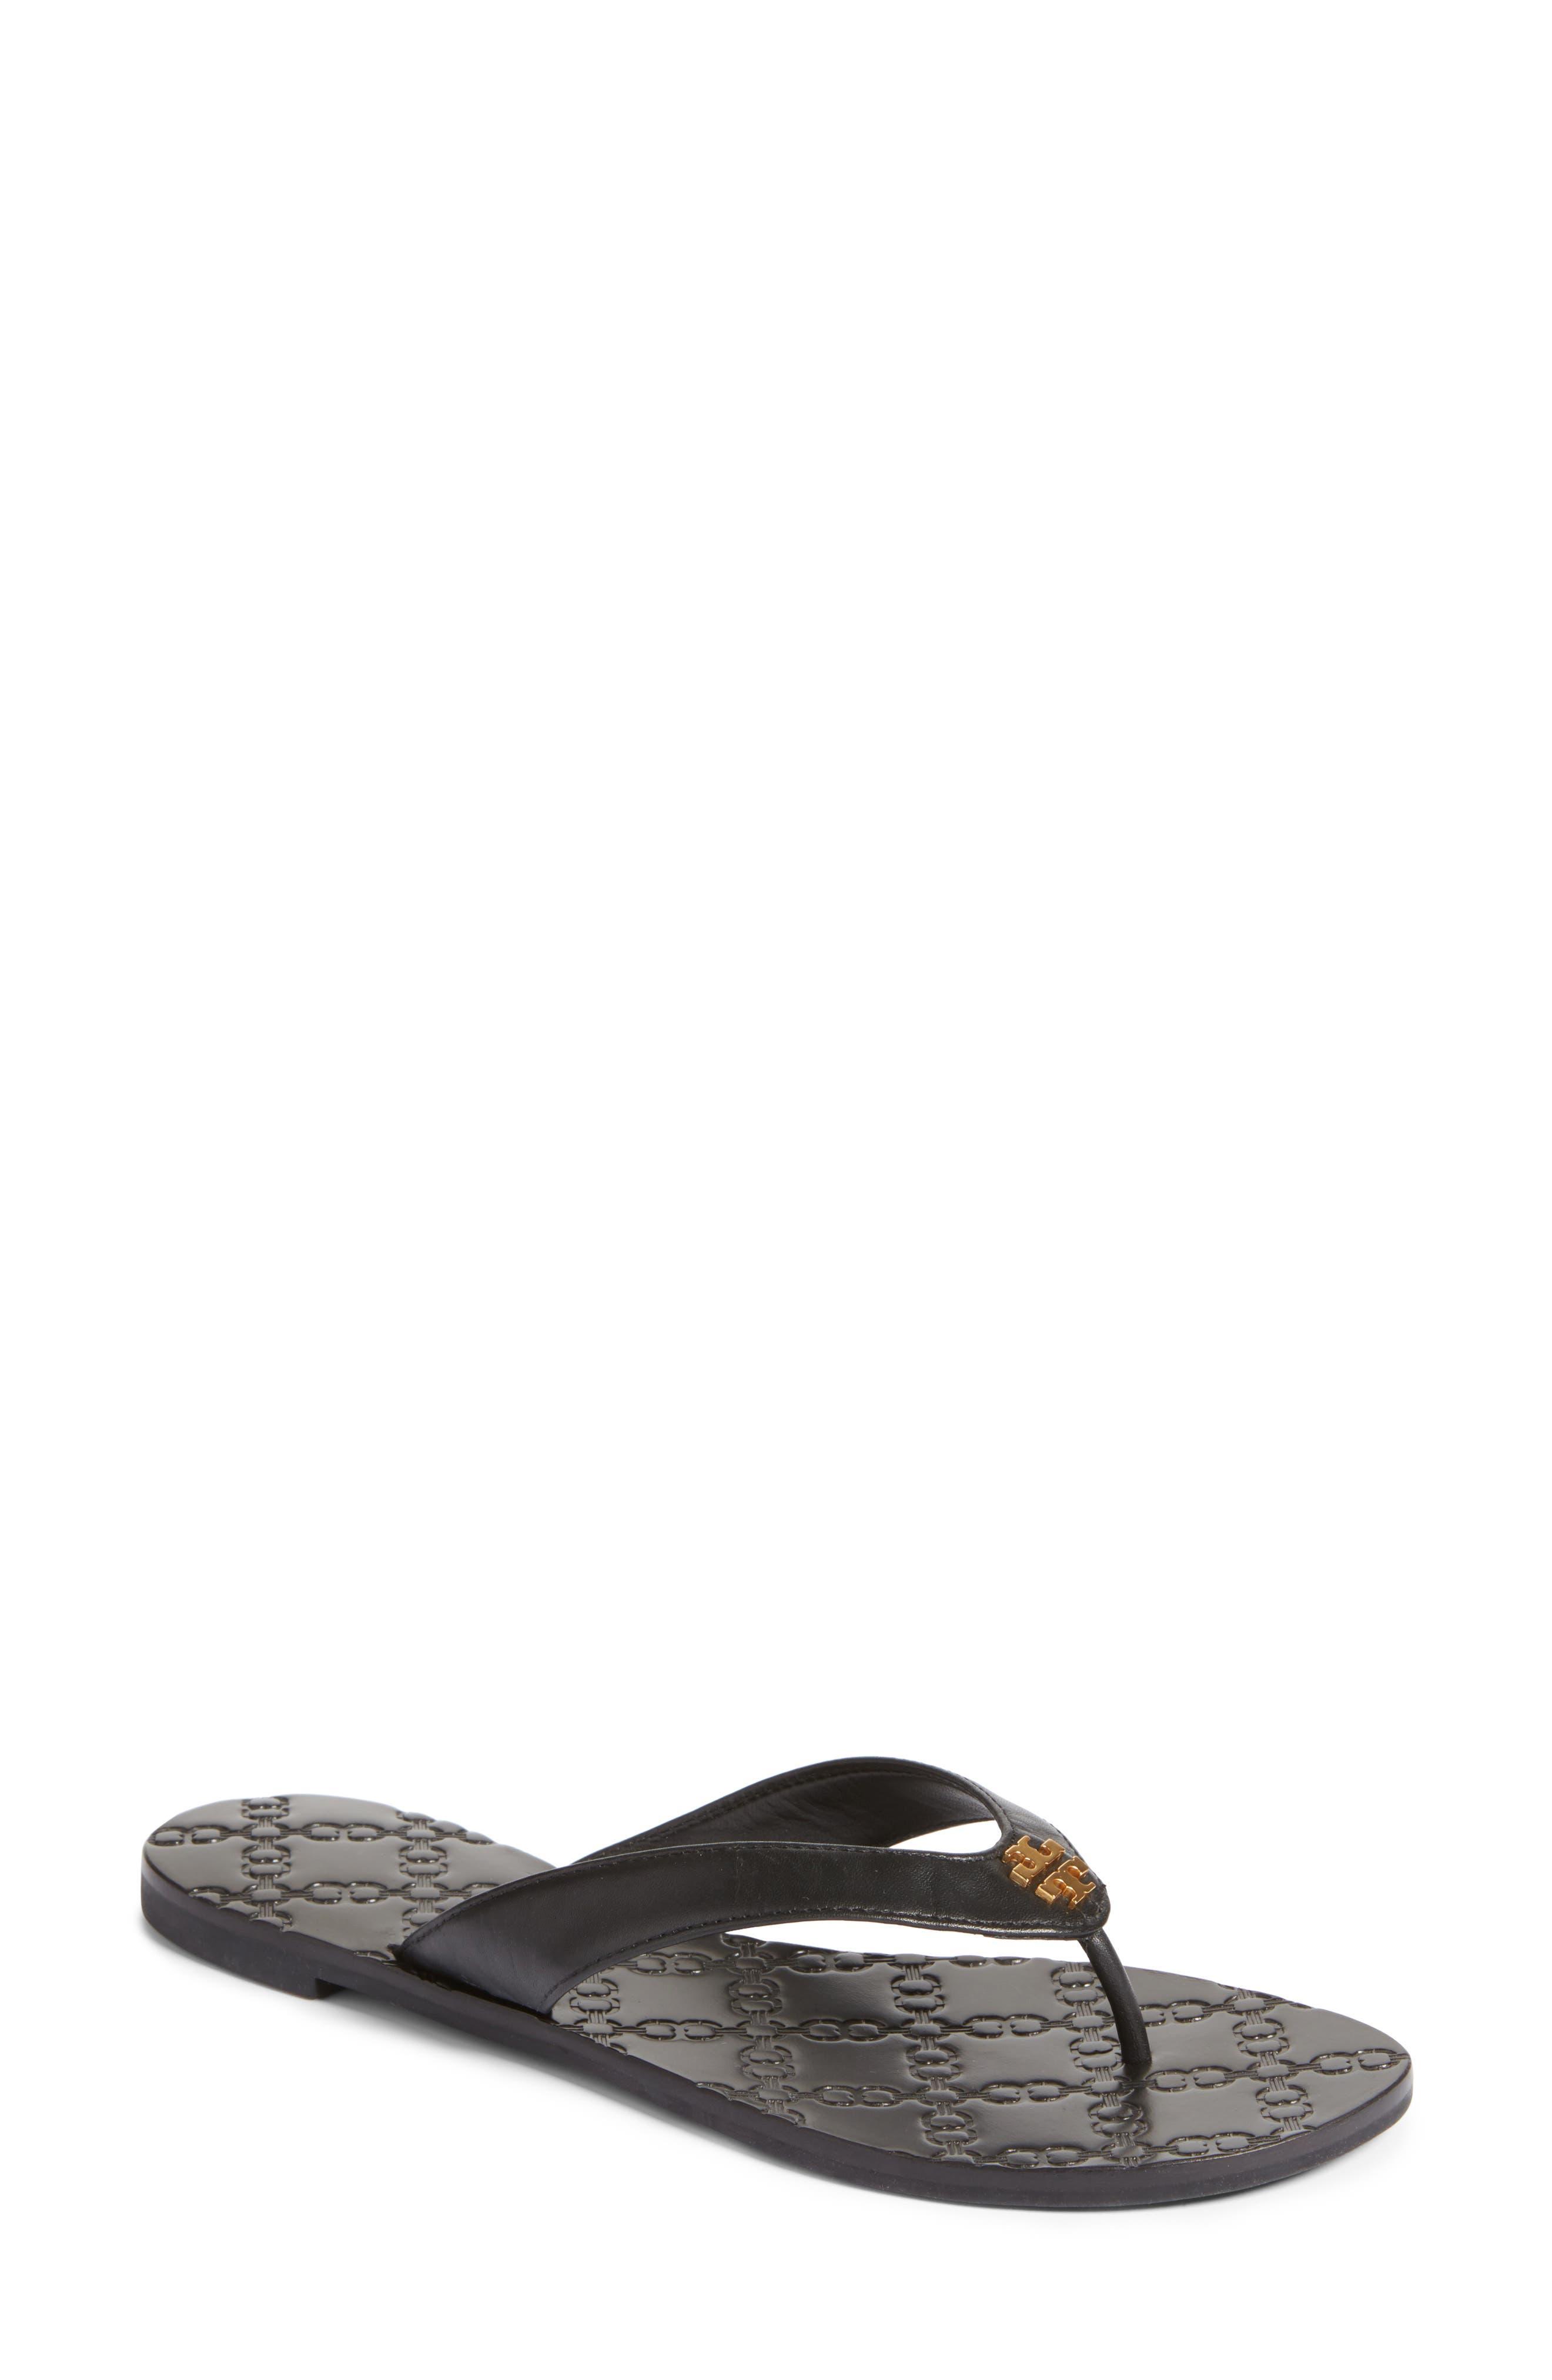 Monroe Flip Flop,                         Main,                         color, Black